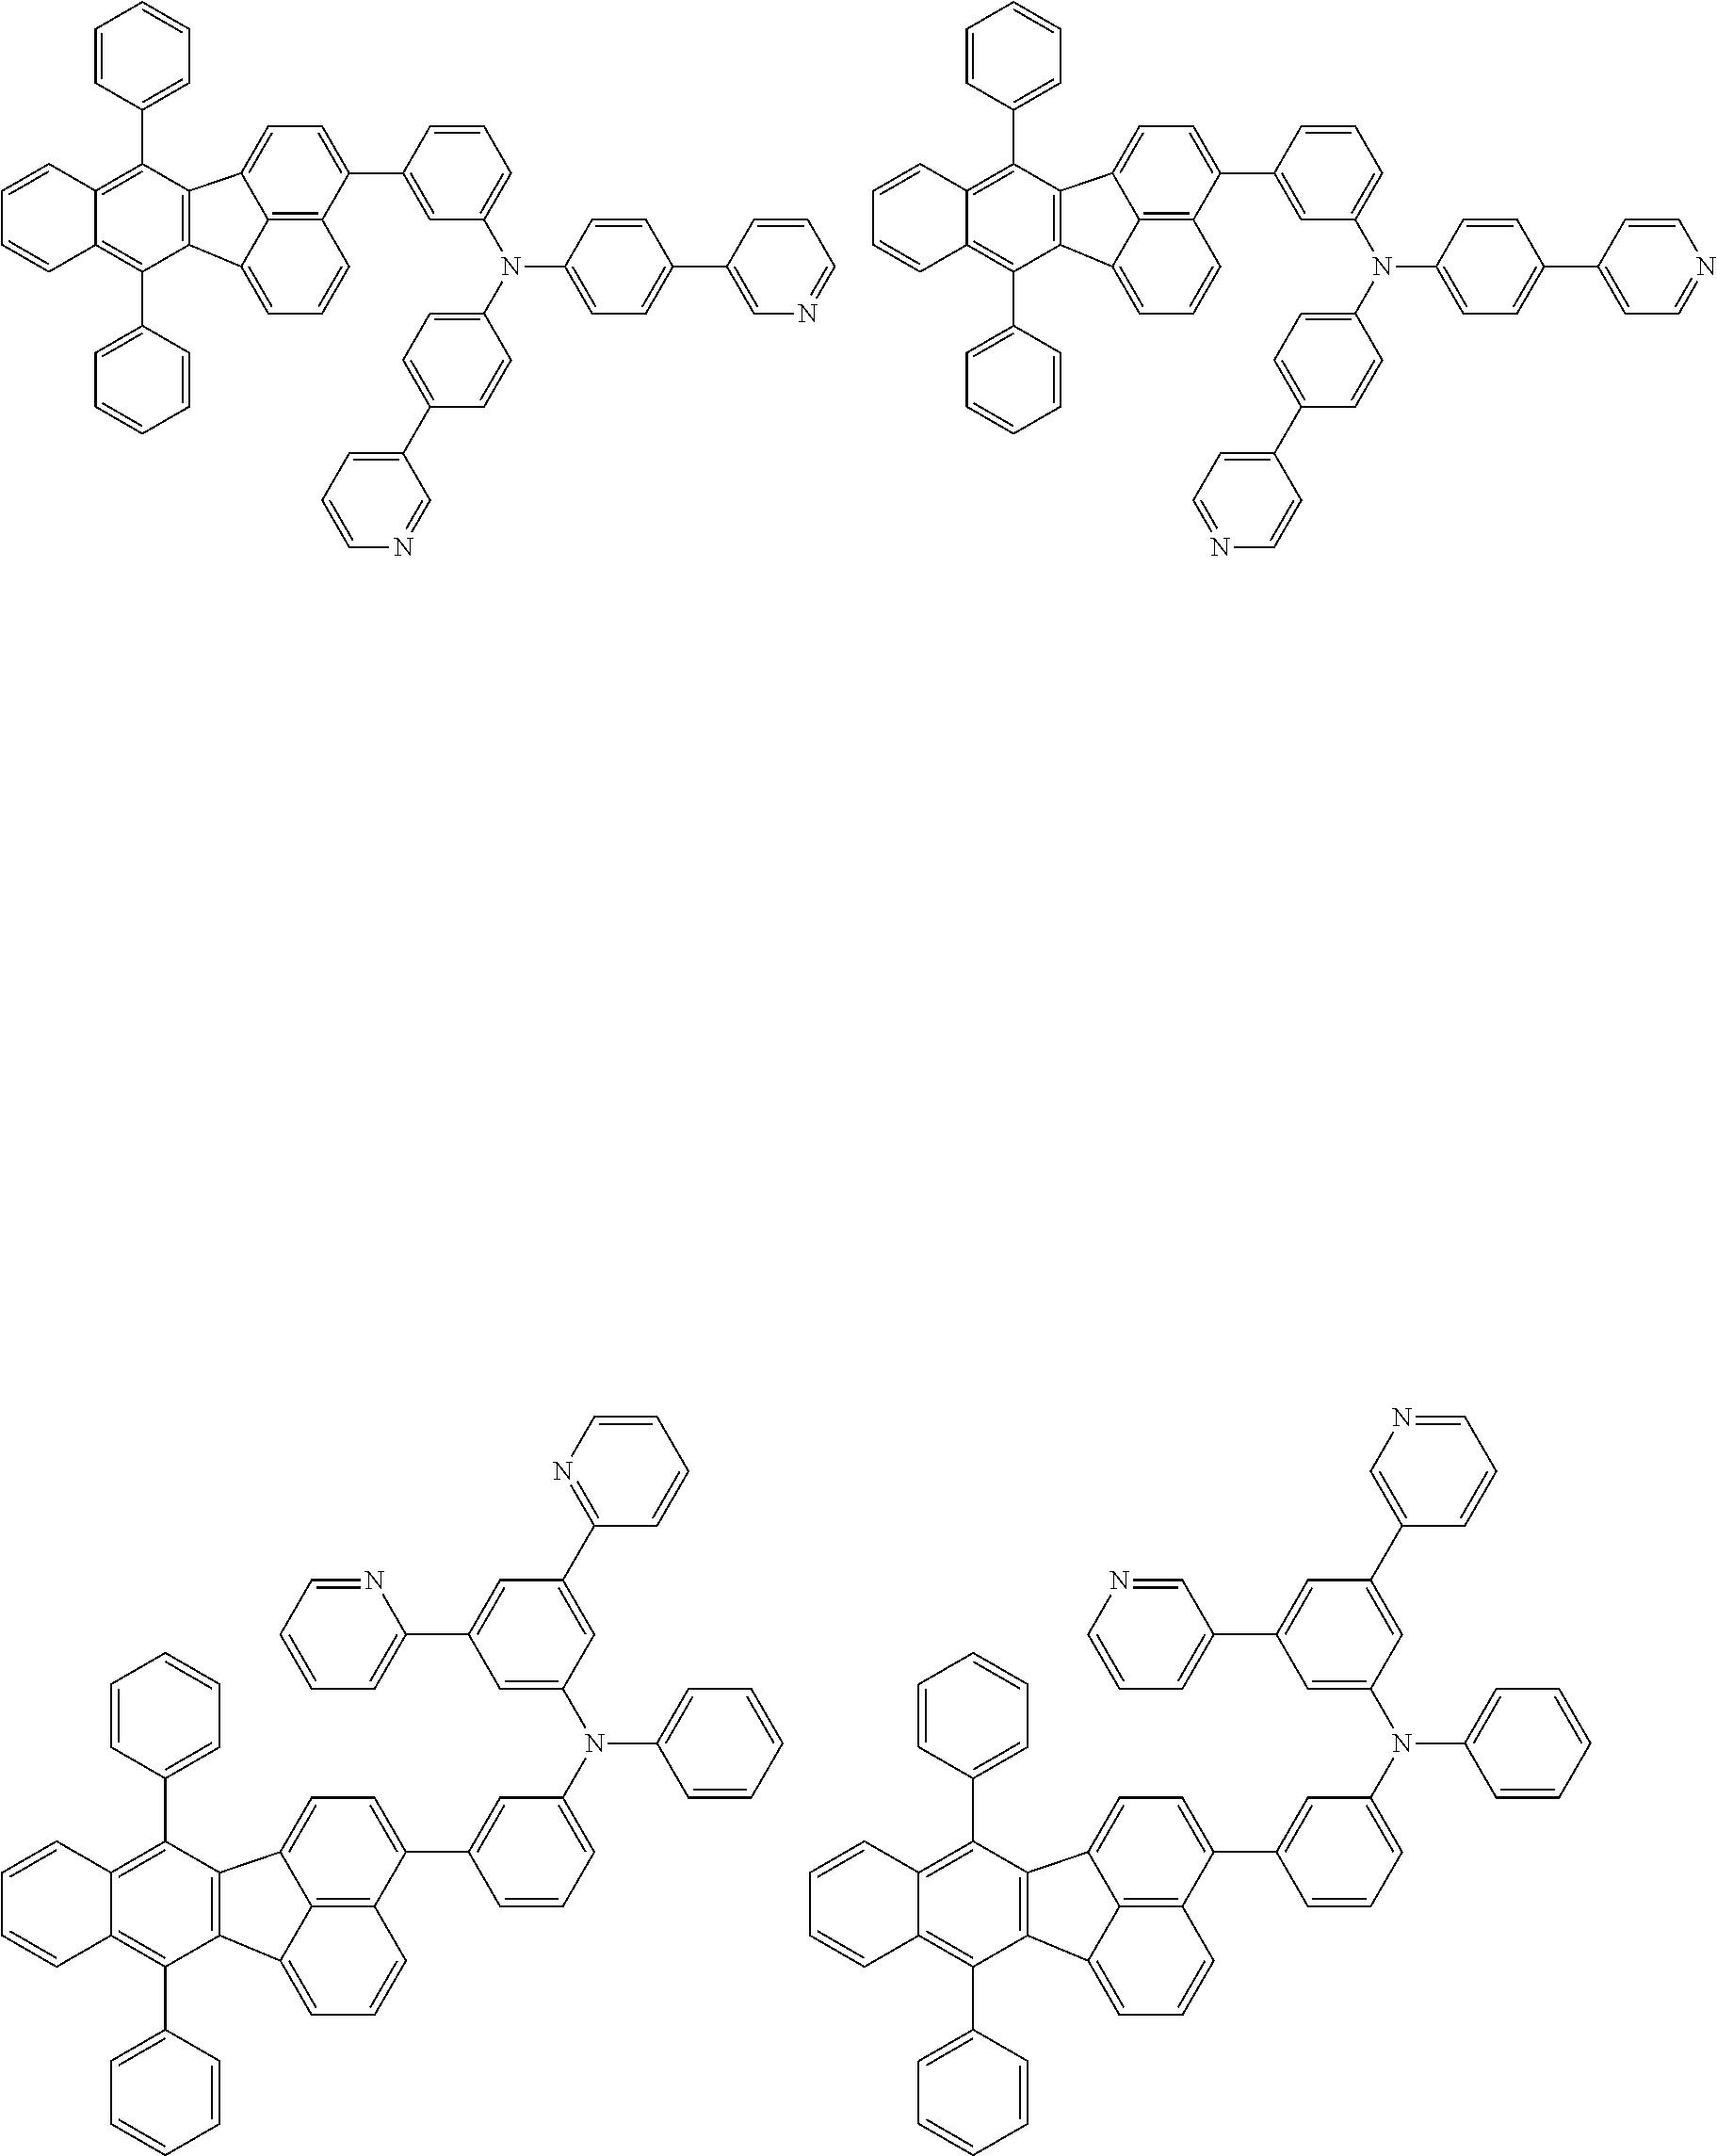 Figure US20150280139A1-20151001-C00075